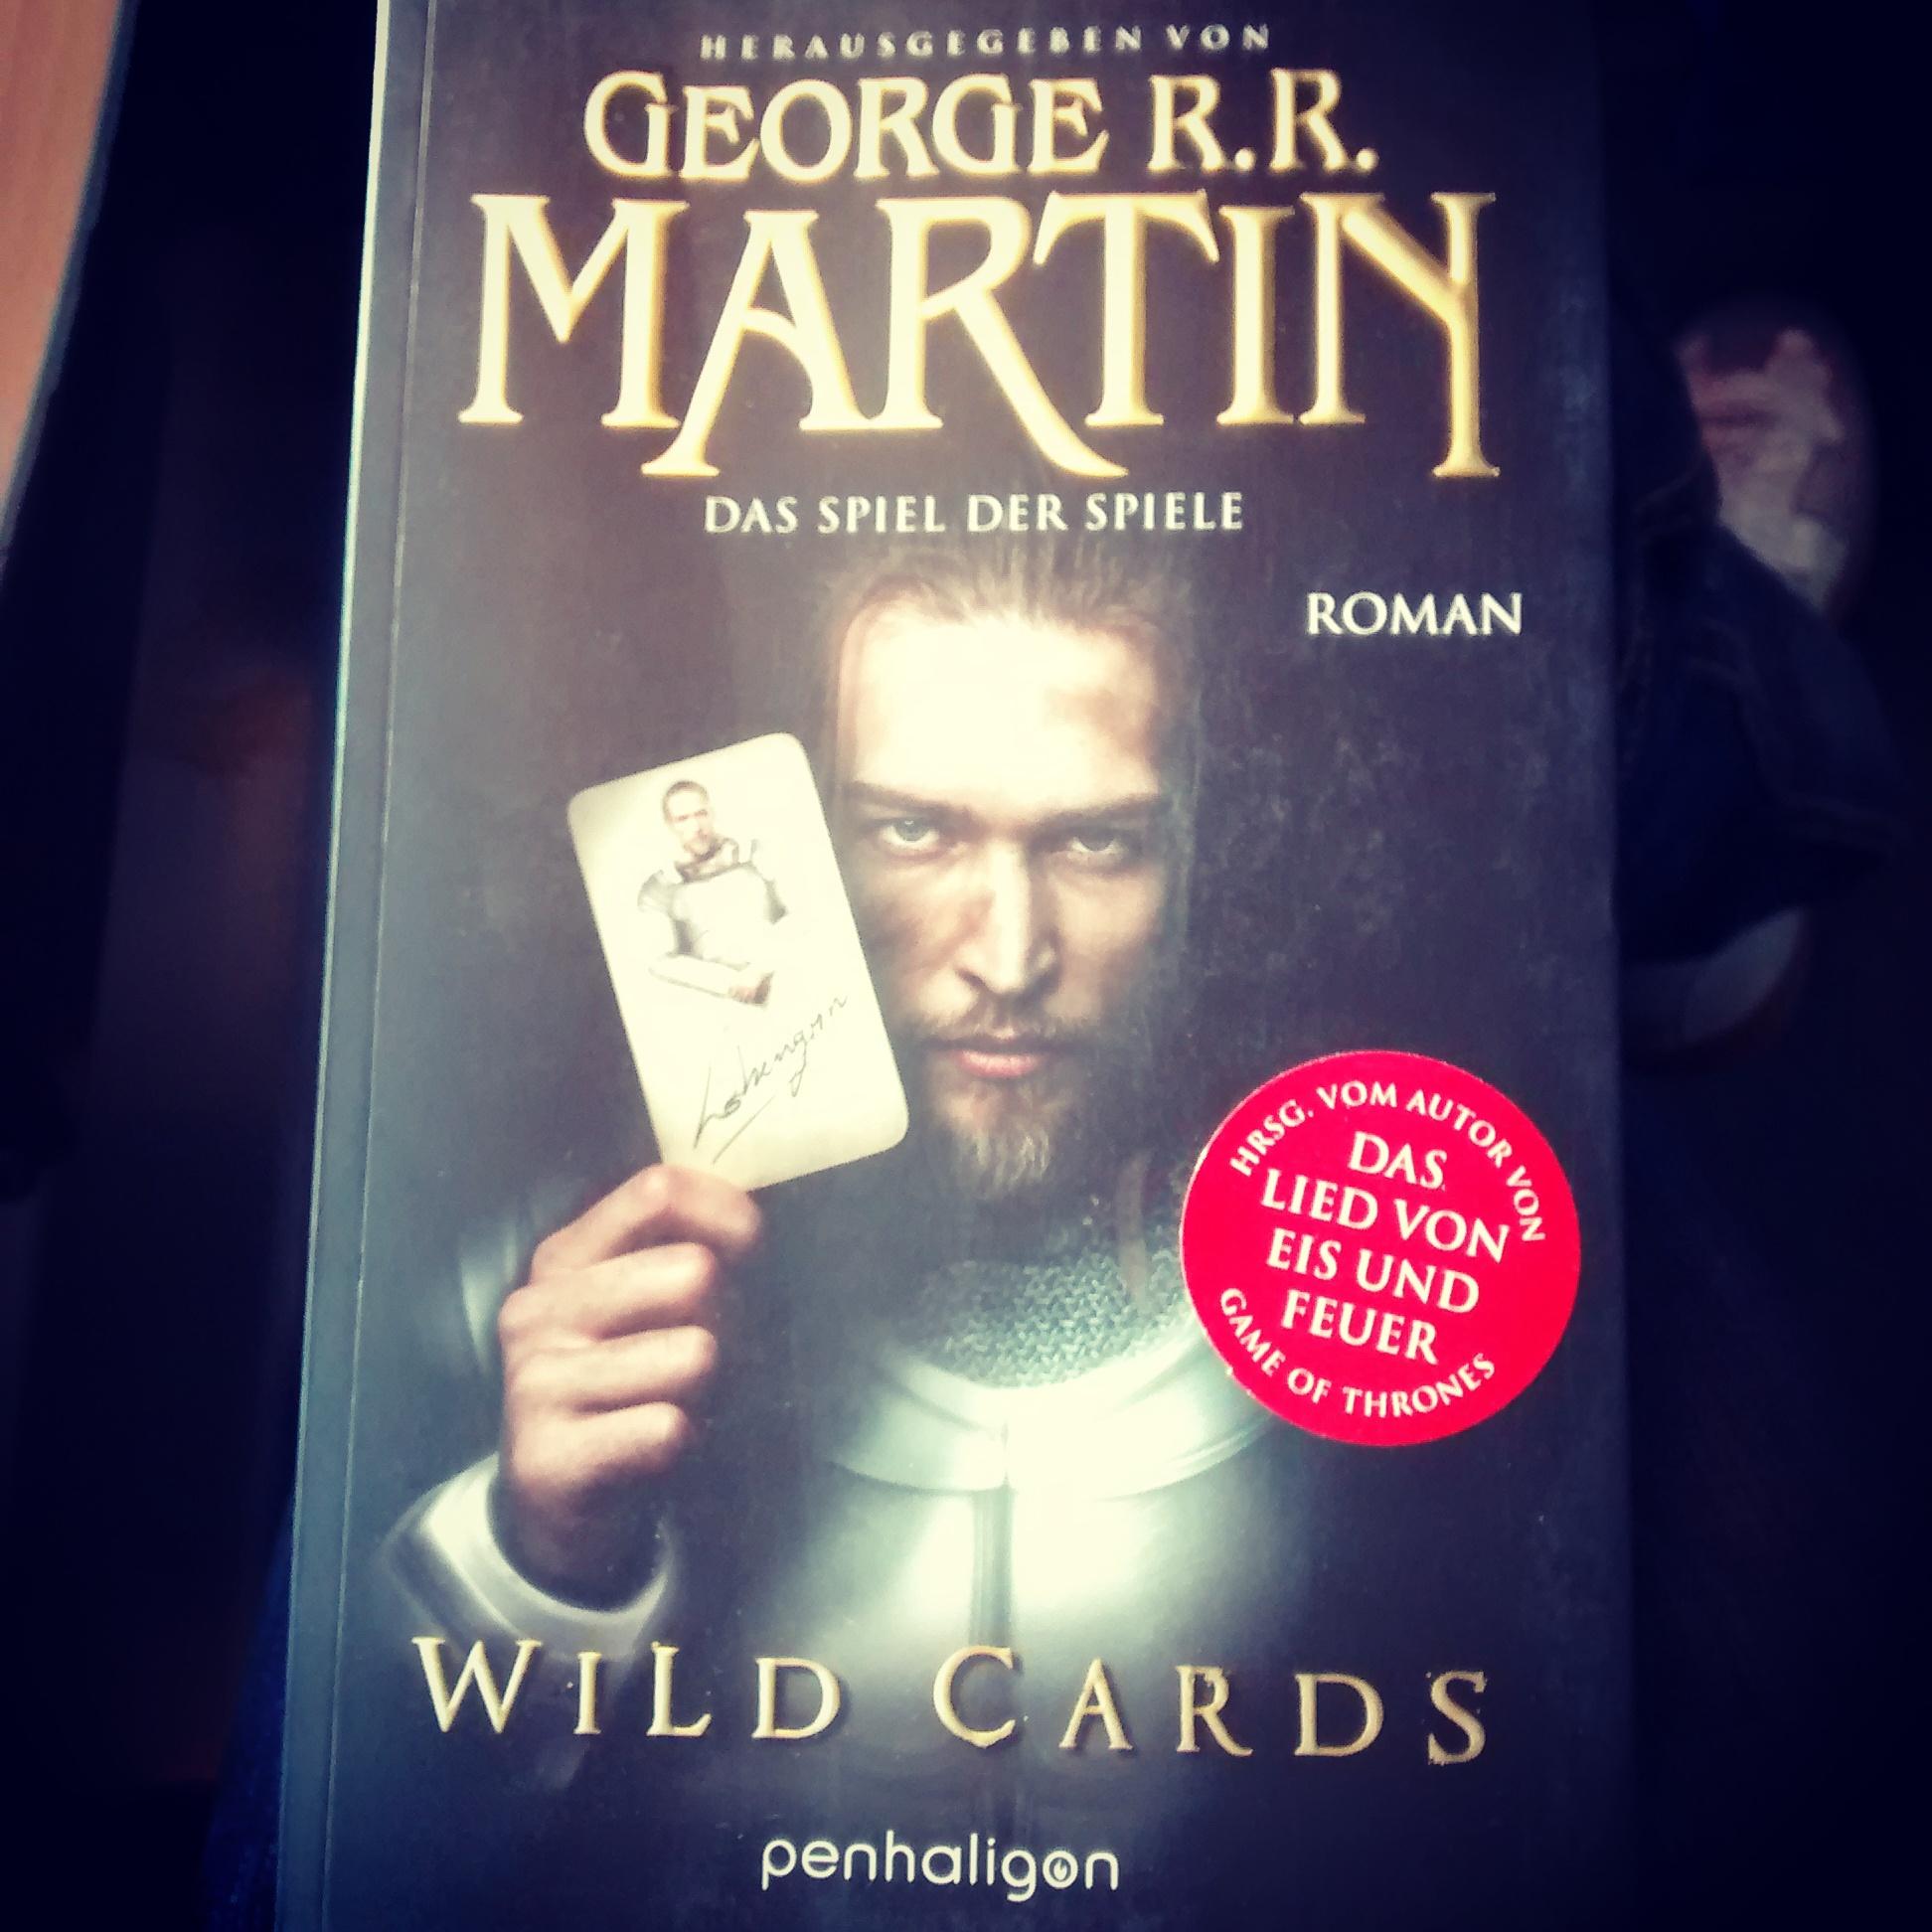 George rr martin bücher